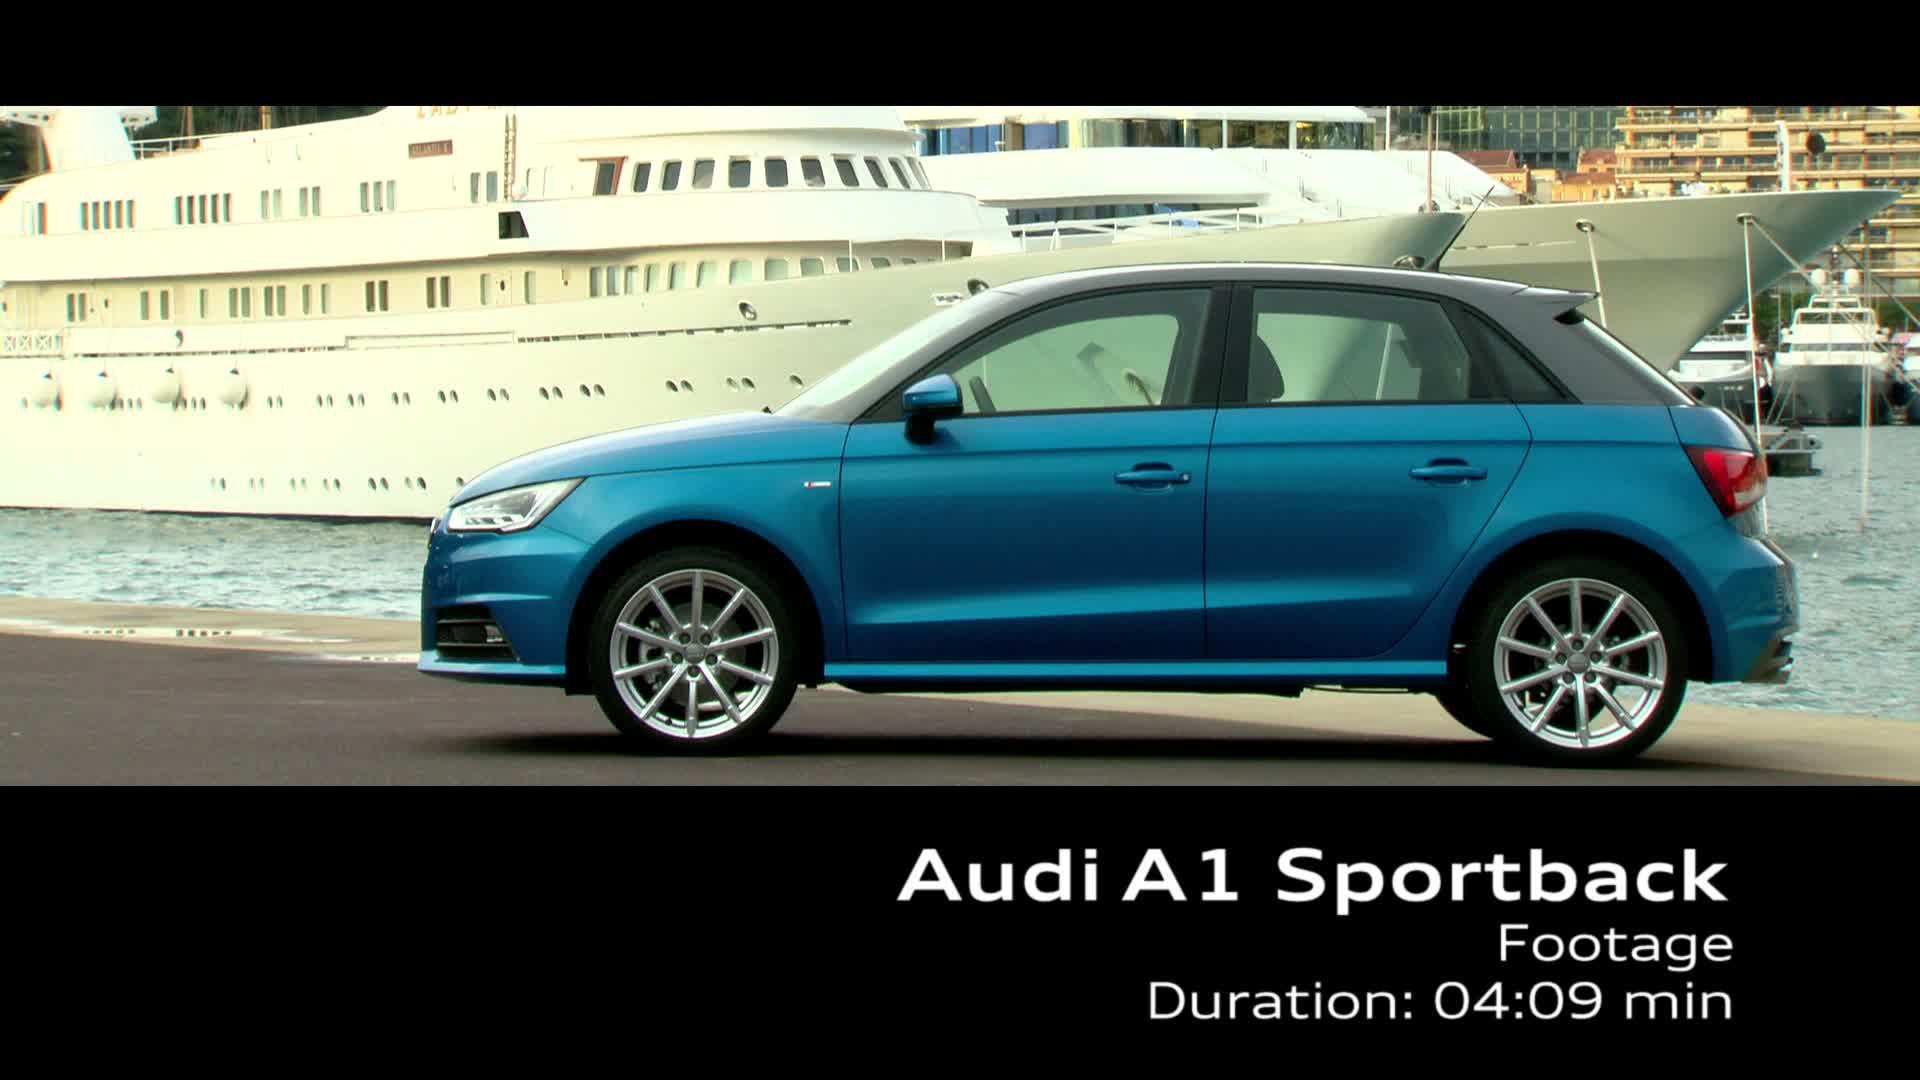 Der neue Audi A1 Sportback - Footage